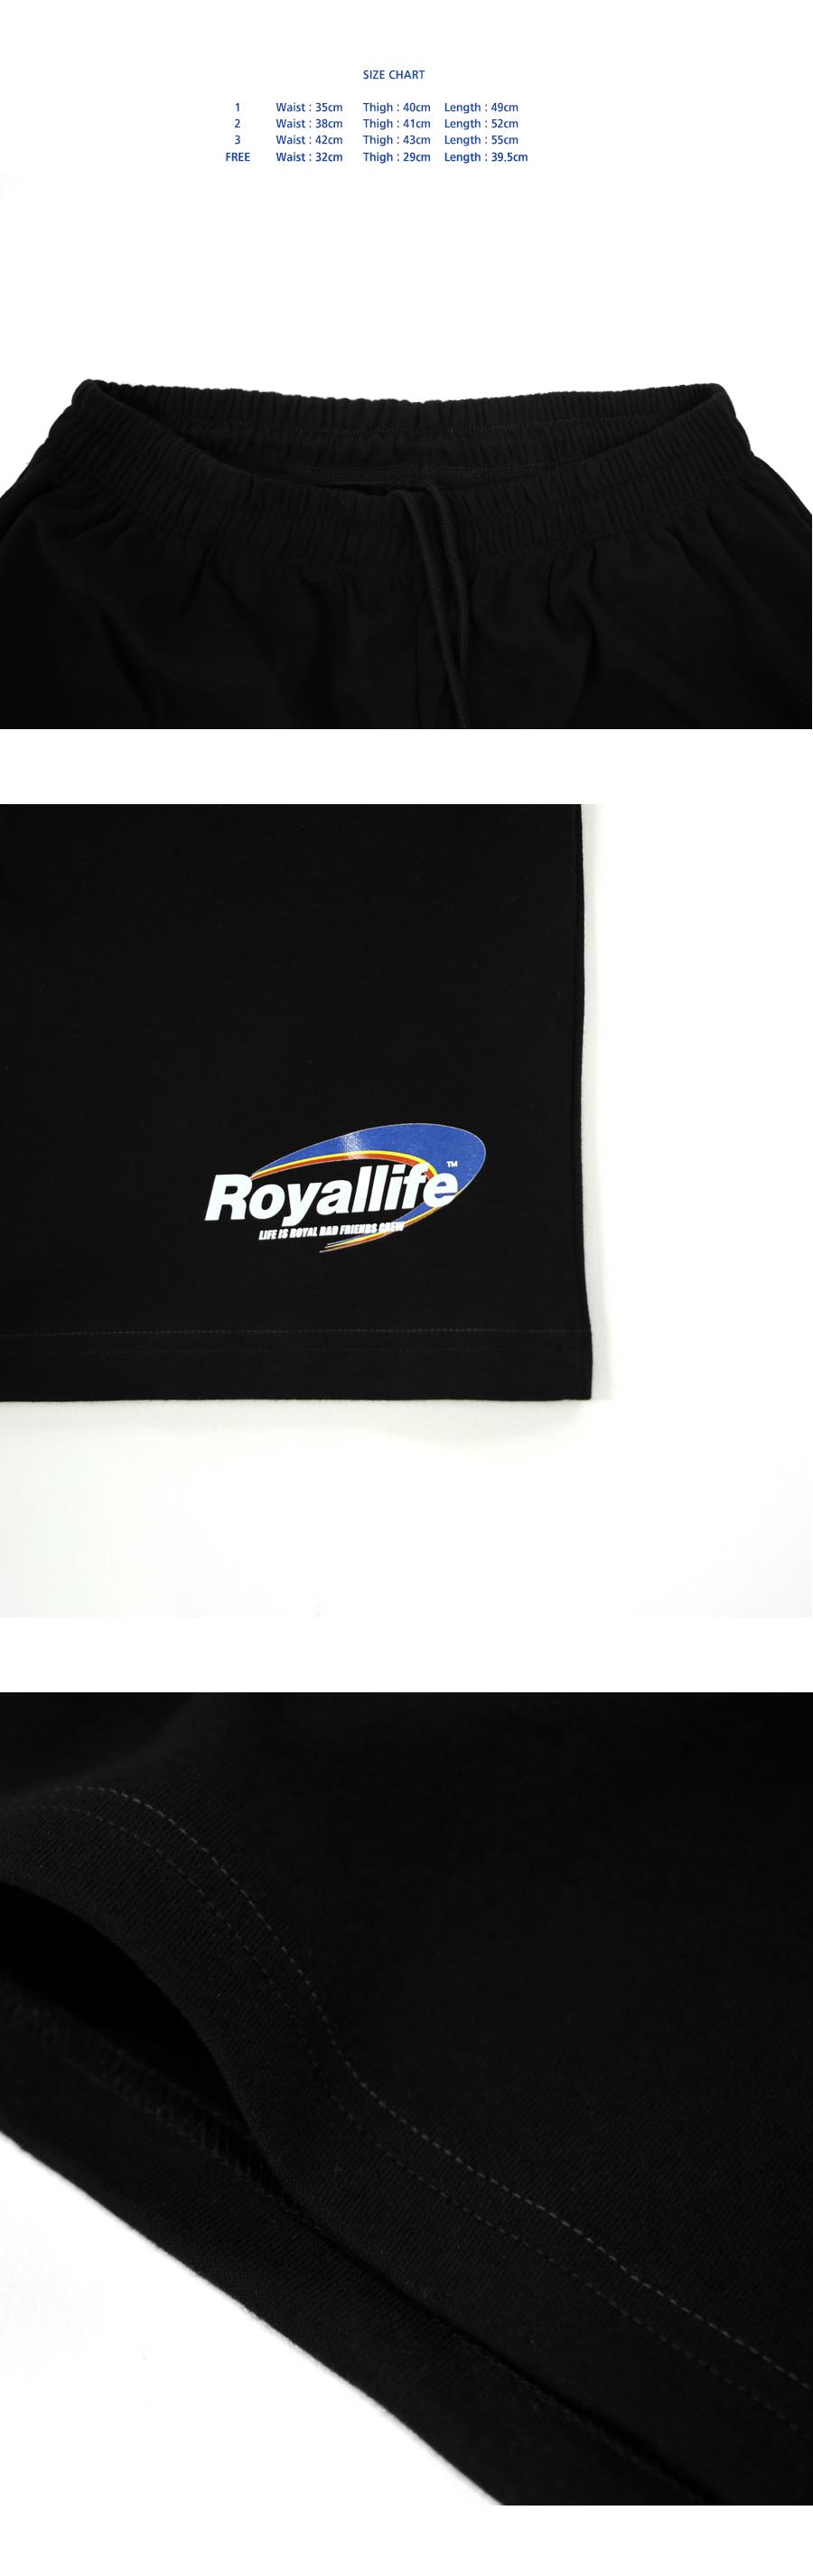 로얄라이프(ROYALLIFE) RLSP404 부메랑 로고 쇼츠 - 블루